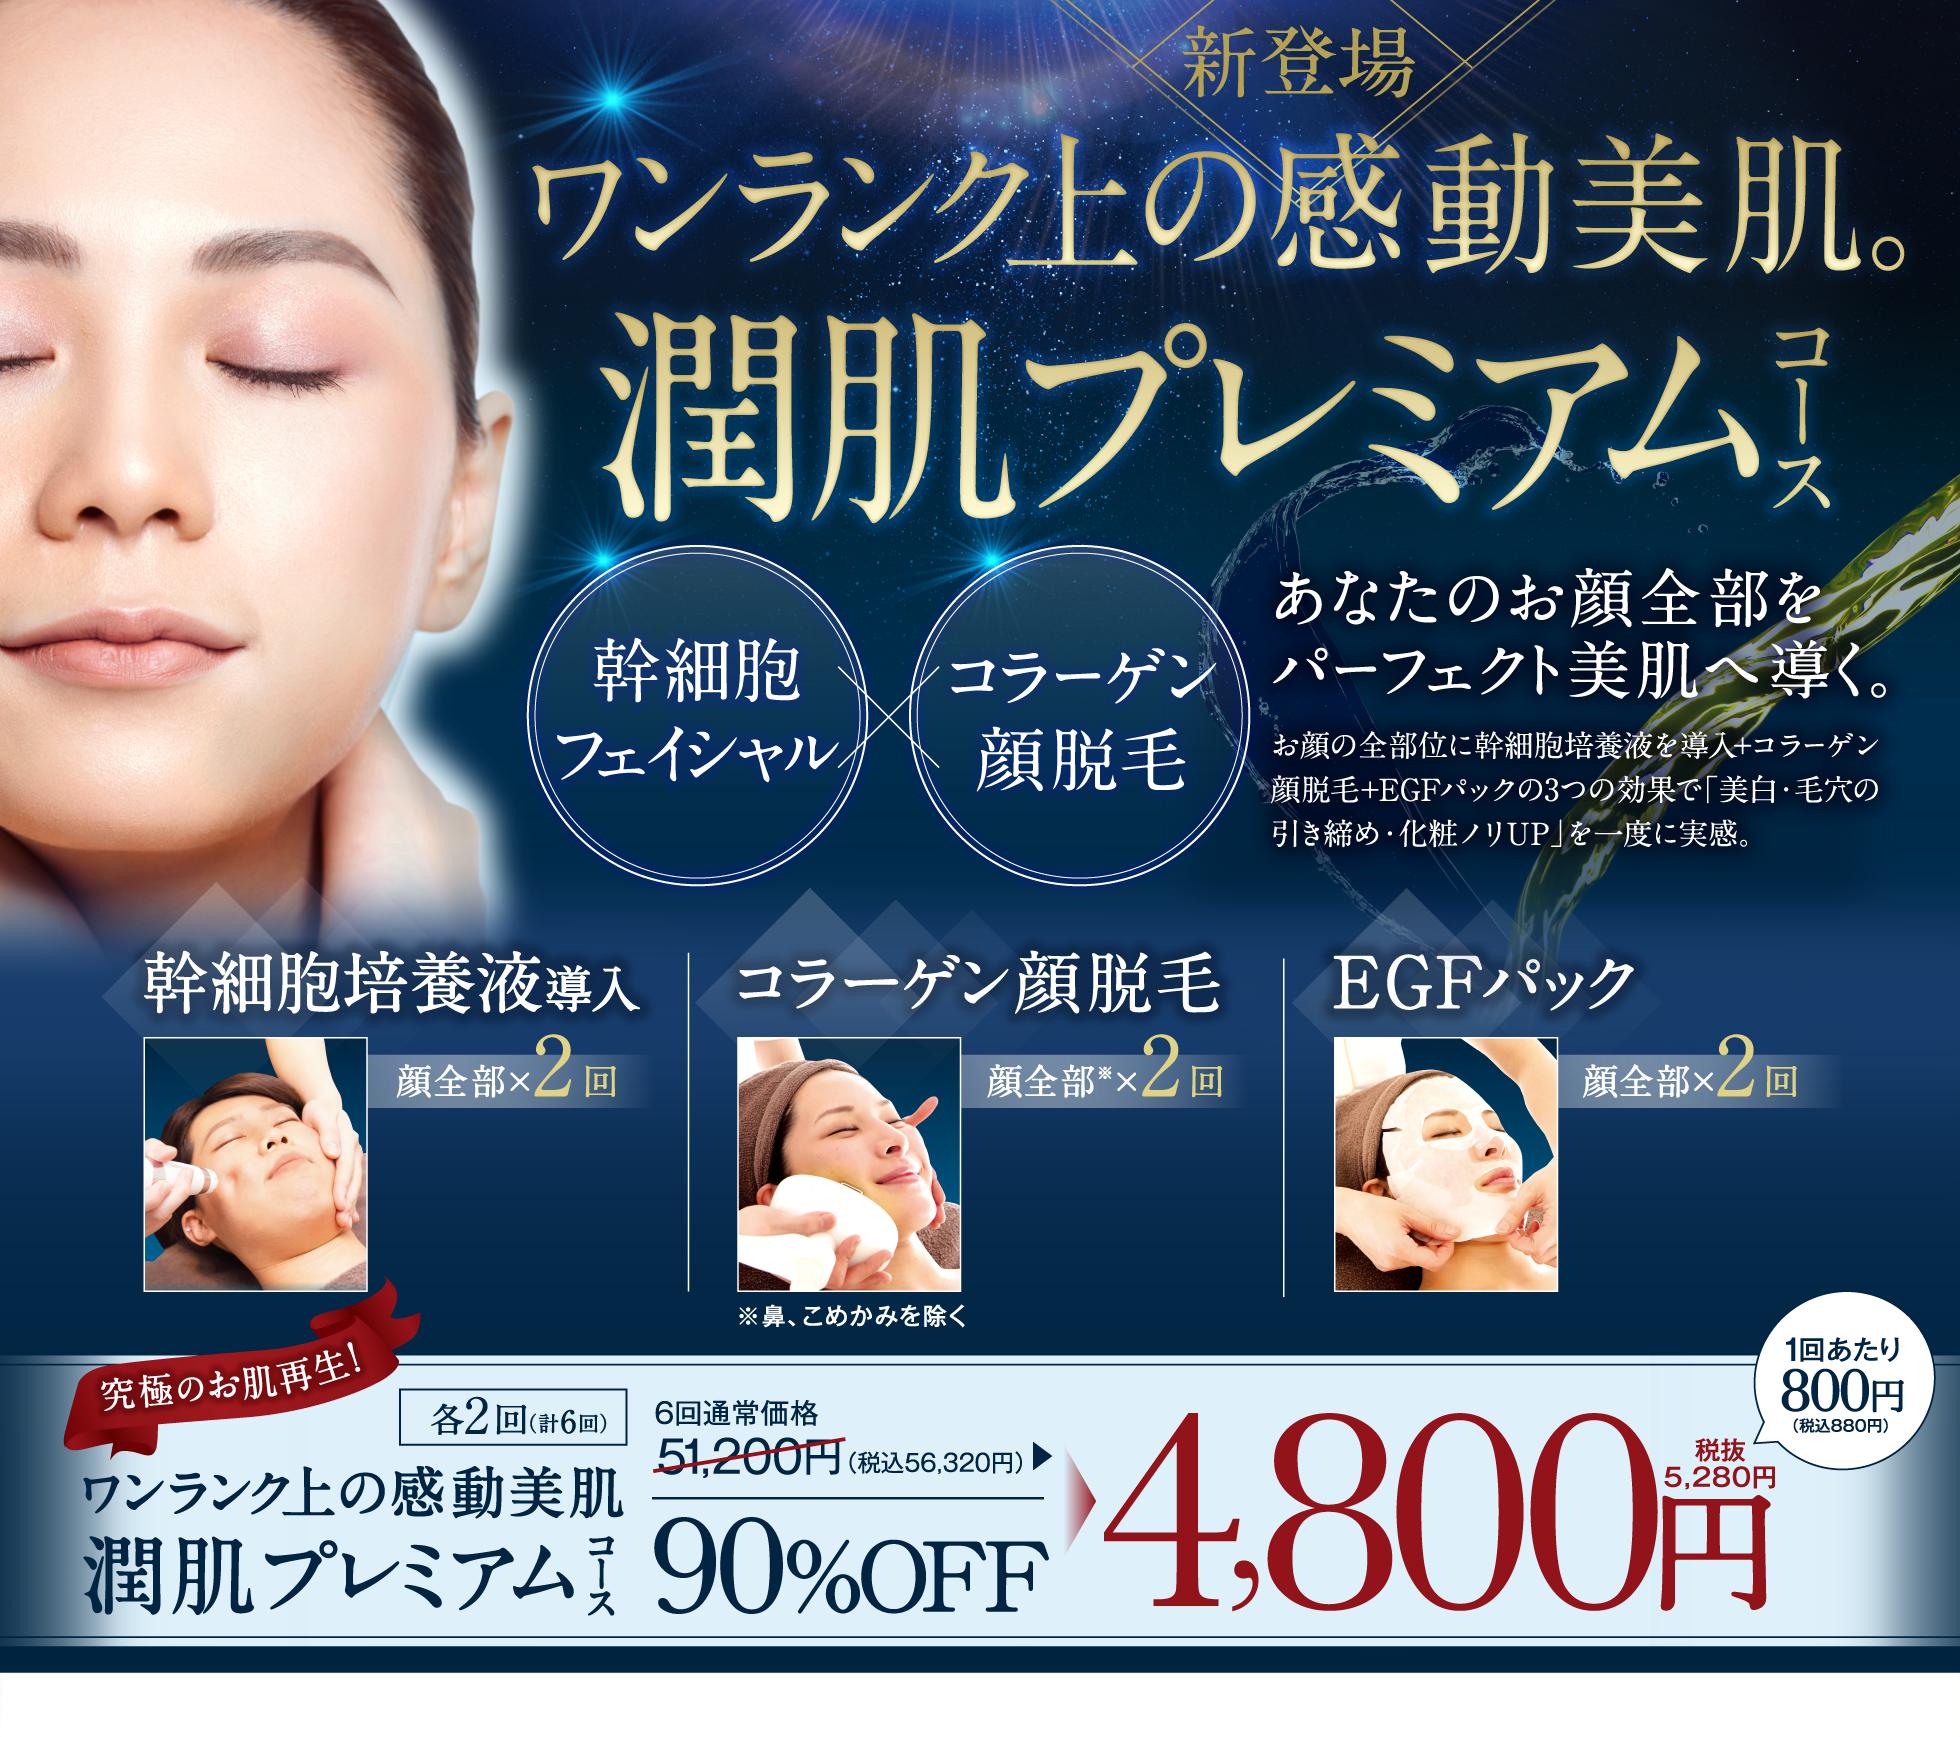 新登場 全顔パーフェクト 贅沢フルコース 幹細胞フェイシャル コラーゲン顔脱毛 あなたのお顔全部をパーフェクト美肌へ導く。 お顔の全部位に幹細胞培養液を導入+コラーゲン顔脱毛+EGFパックの3つの効果で「美白・毛穴の引き締め・化粧ノリUP」を一度に実感。 幹細胞培養液導入 顔全部×3回 コラーゲン顔脱毛 顔全部※ ×3回 EGFパック 顔全部×3回 究極のお肌再生! 各3回(計9回) 全顔パーフェクト贅沢フルコース 通常価格76,800円▶ 93%OFF 4,800円 税抜 1回あたり533円